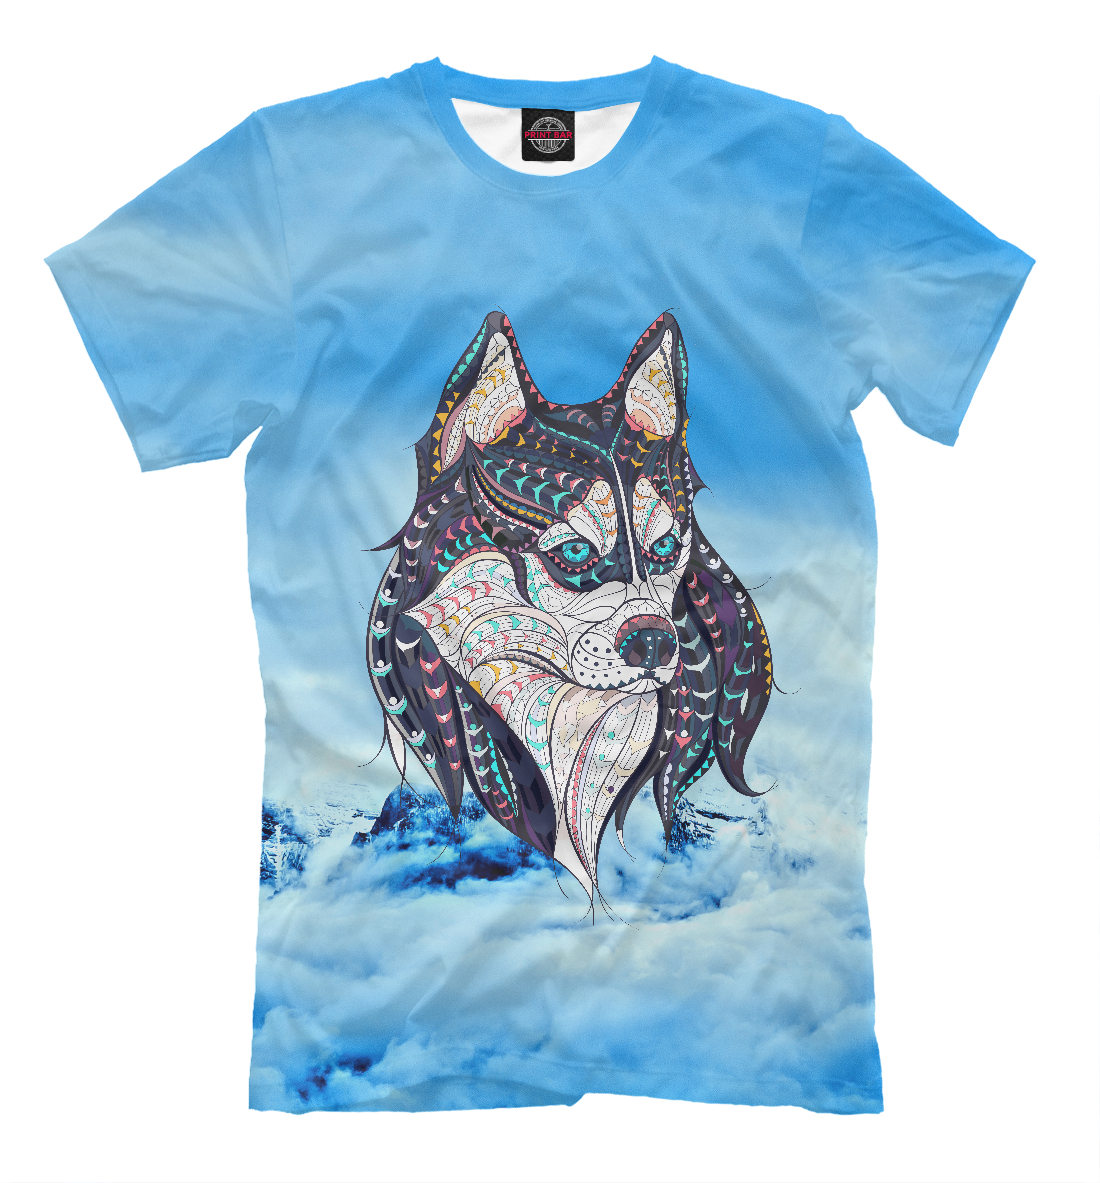 Купить Siberian Husky, Printbar, Футболки, DOG-759984-fut-2